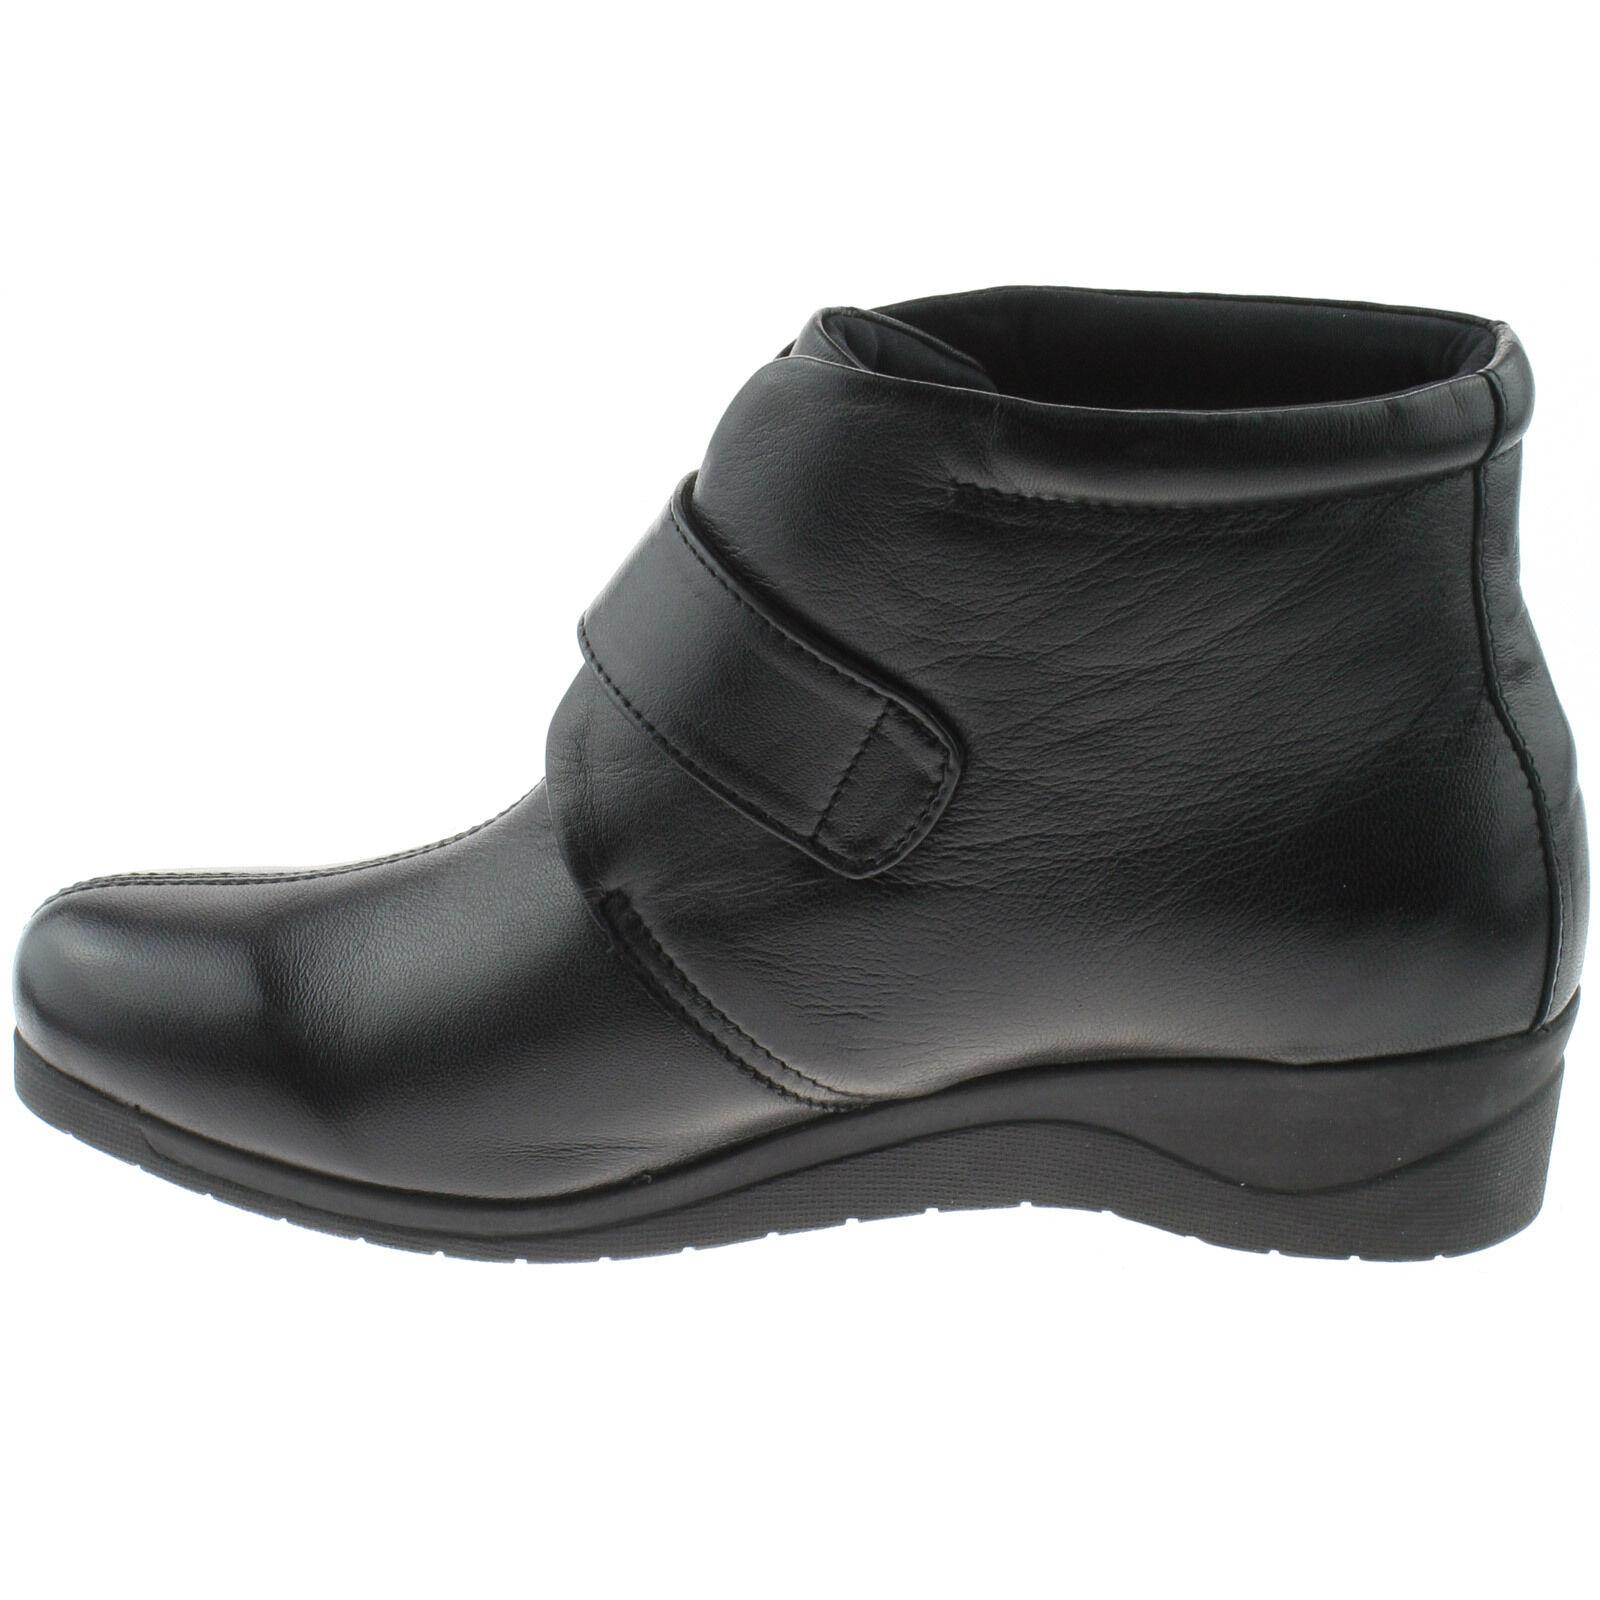 Damen Mod comfys weiches Leder Stiefel 8 Größe UK 3 - 8 Stiefel Knöchel Schwarz l874a KD 390e12